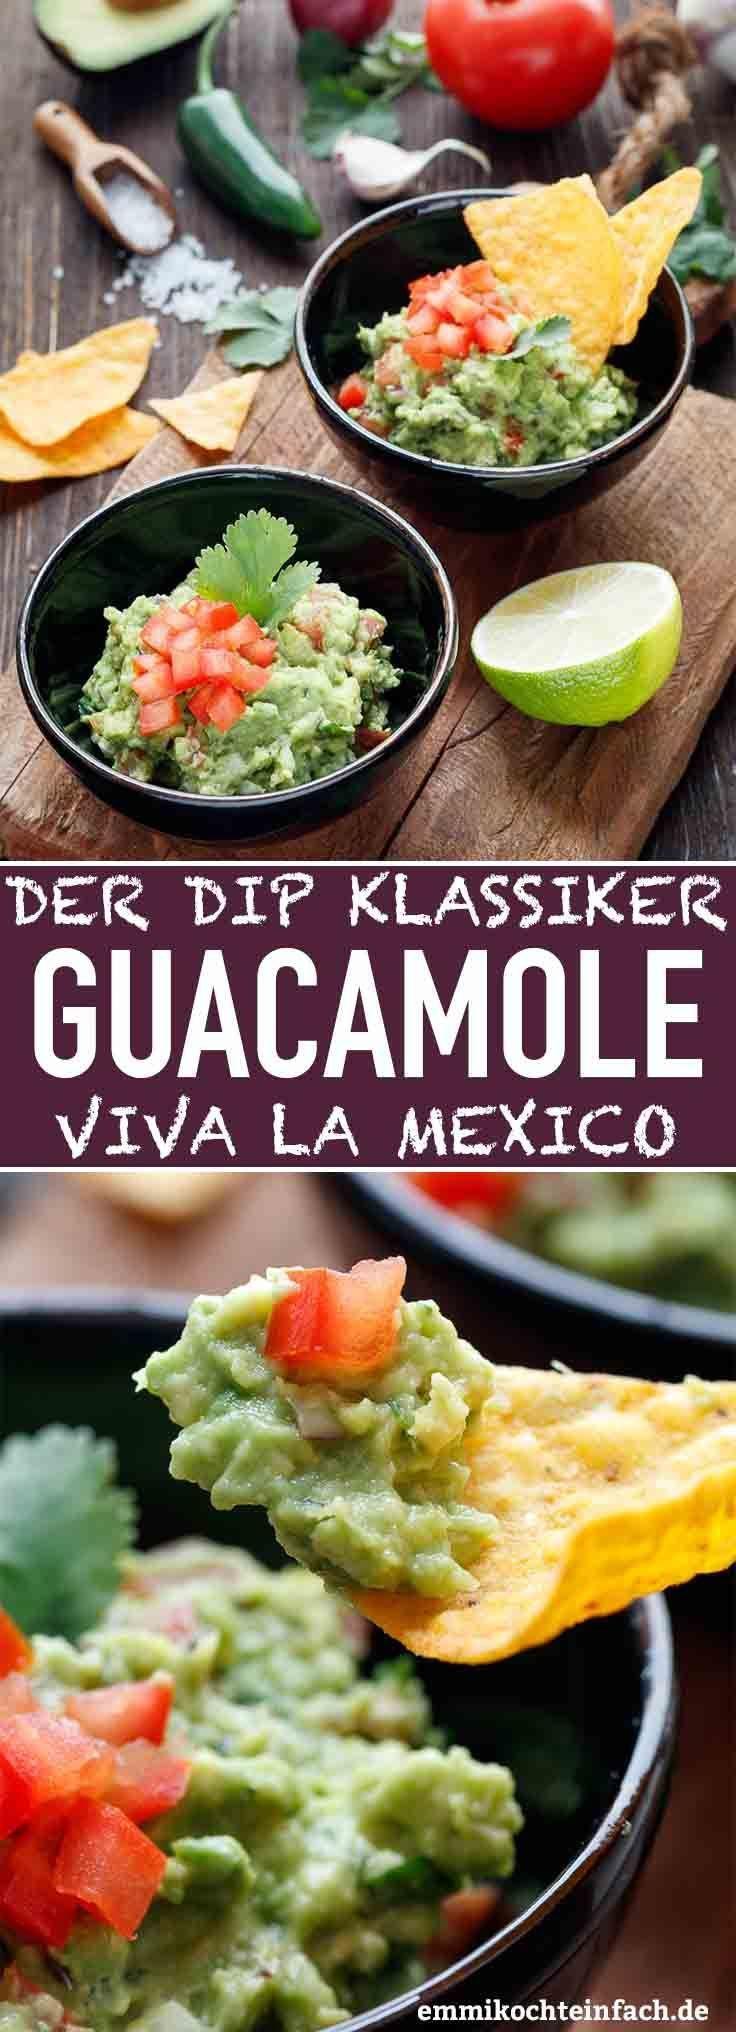 Mexikanische Guacamole - Der einfache Dip-Klassiker - emmikochteinfach